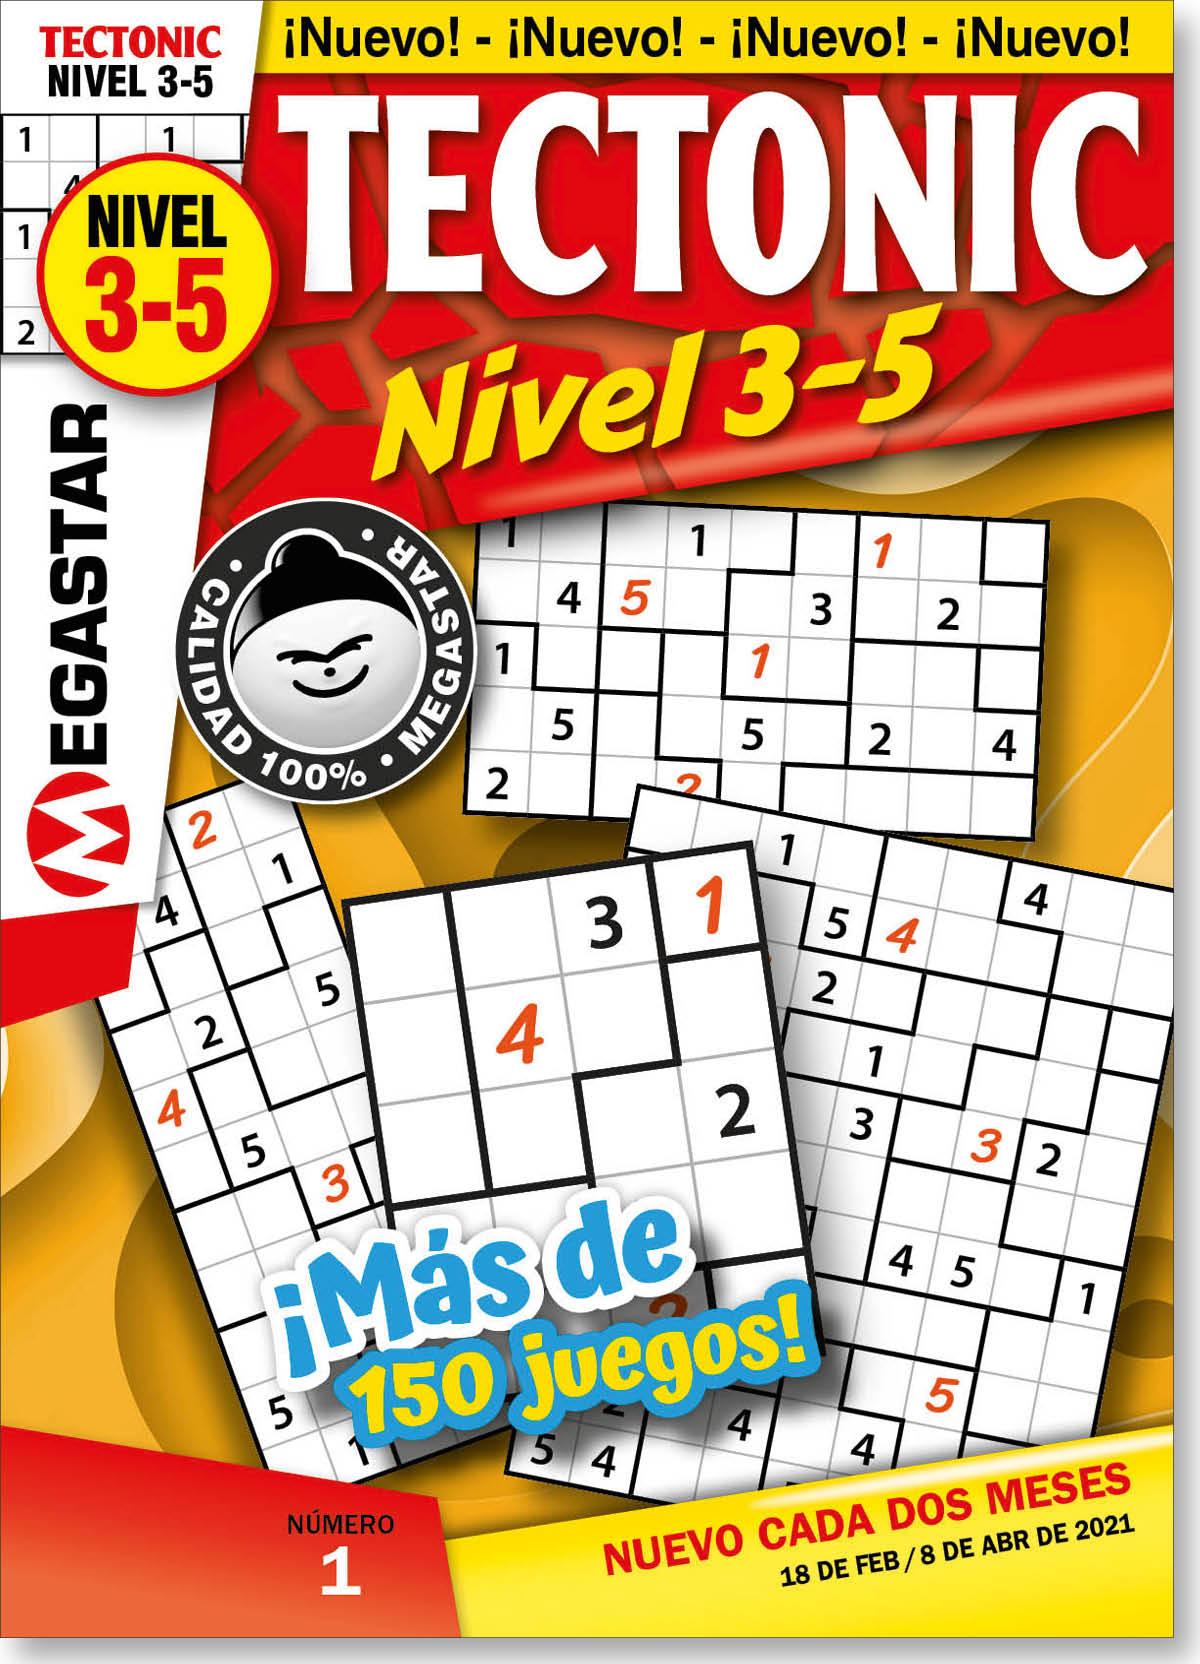 Tectonic 3-5